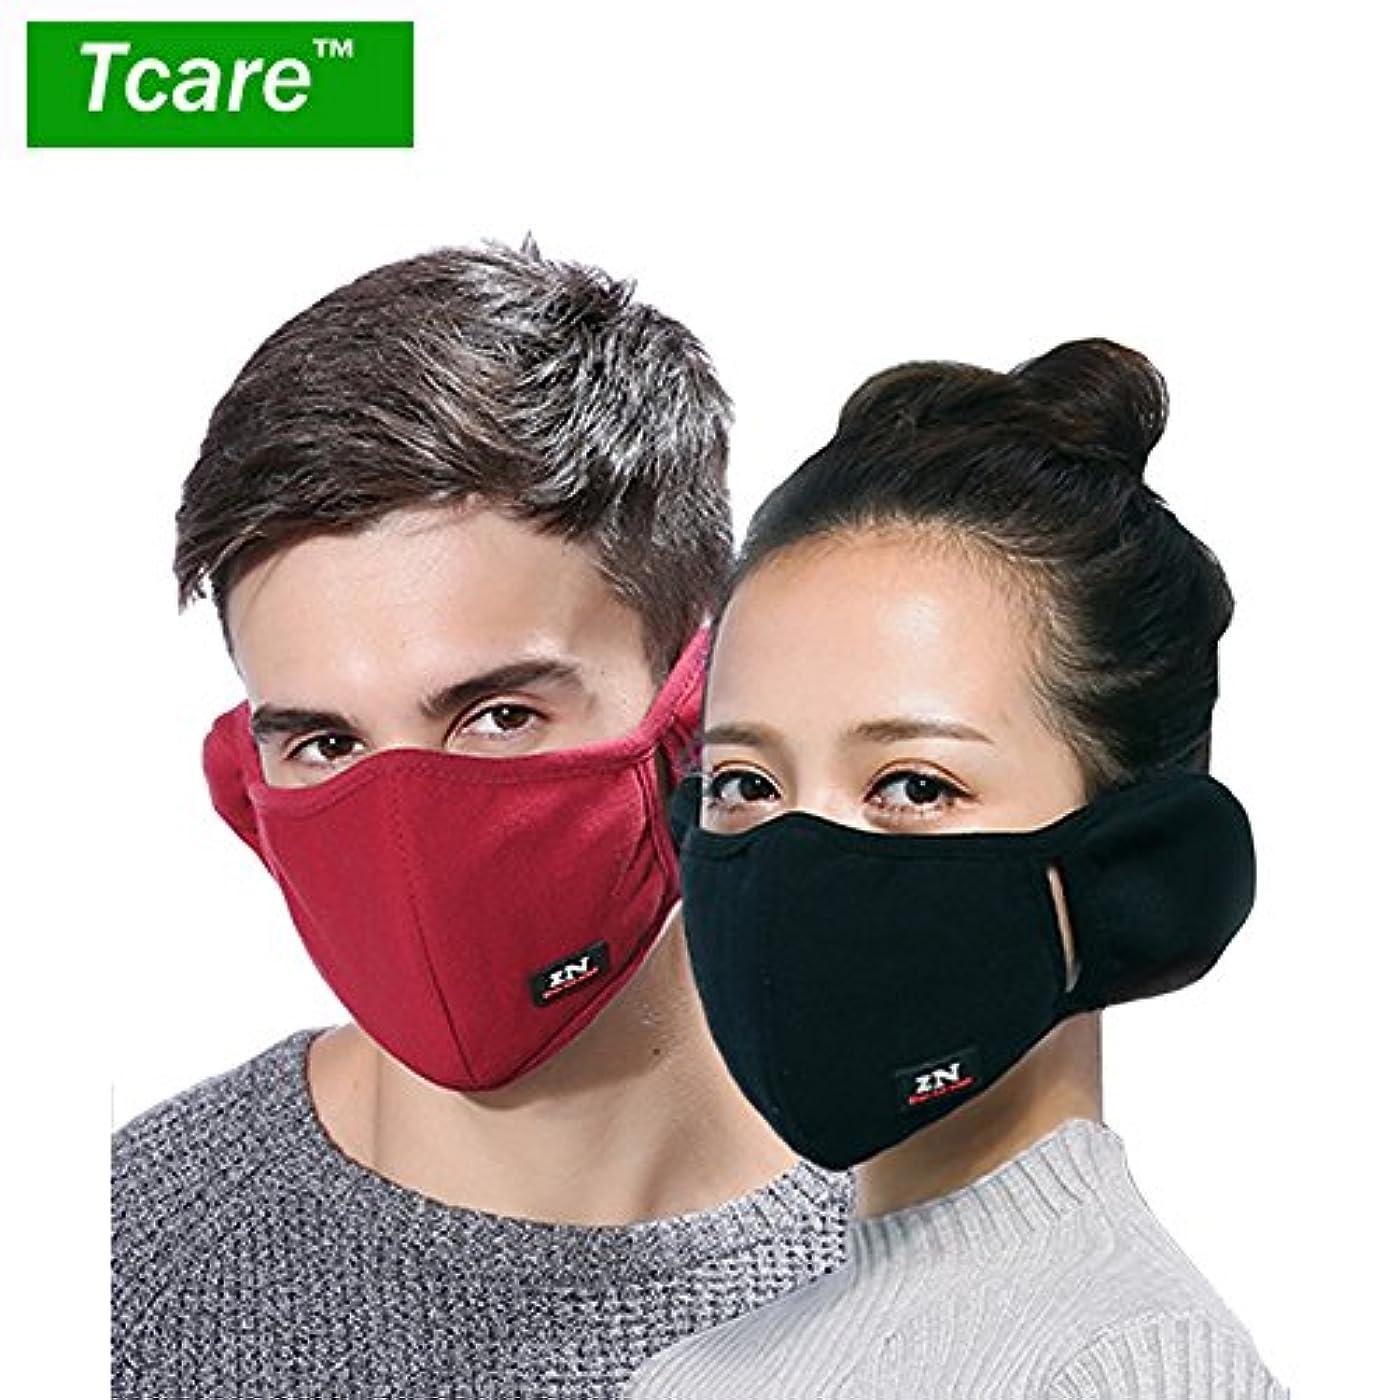 完全に乾く静脈役職男性女性の少年少女のためのTcare呼吸器2レイヤピュアコットン保護フィルター挿入口:1レッド